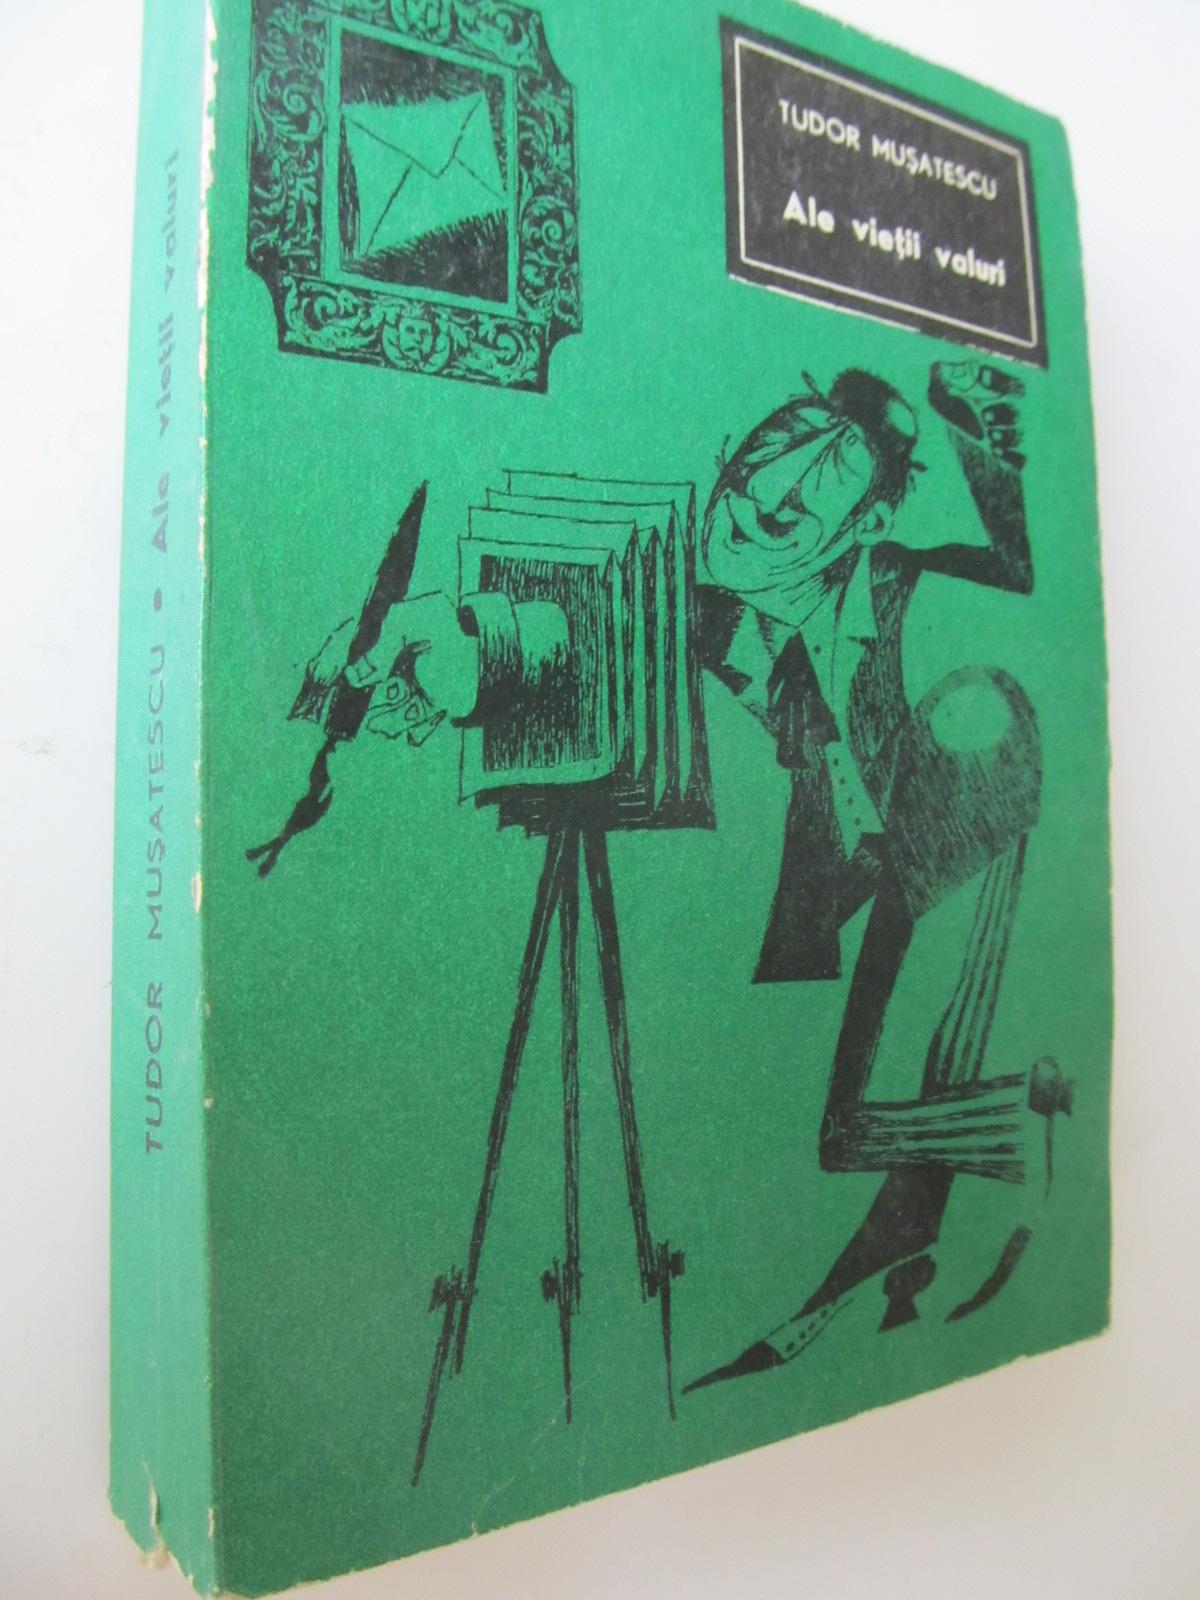 Ale vietii valuri - Tudor Musatescu | Detalii carte